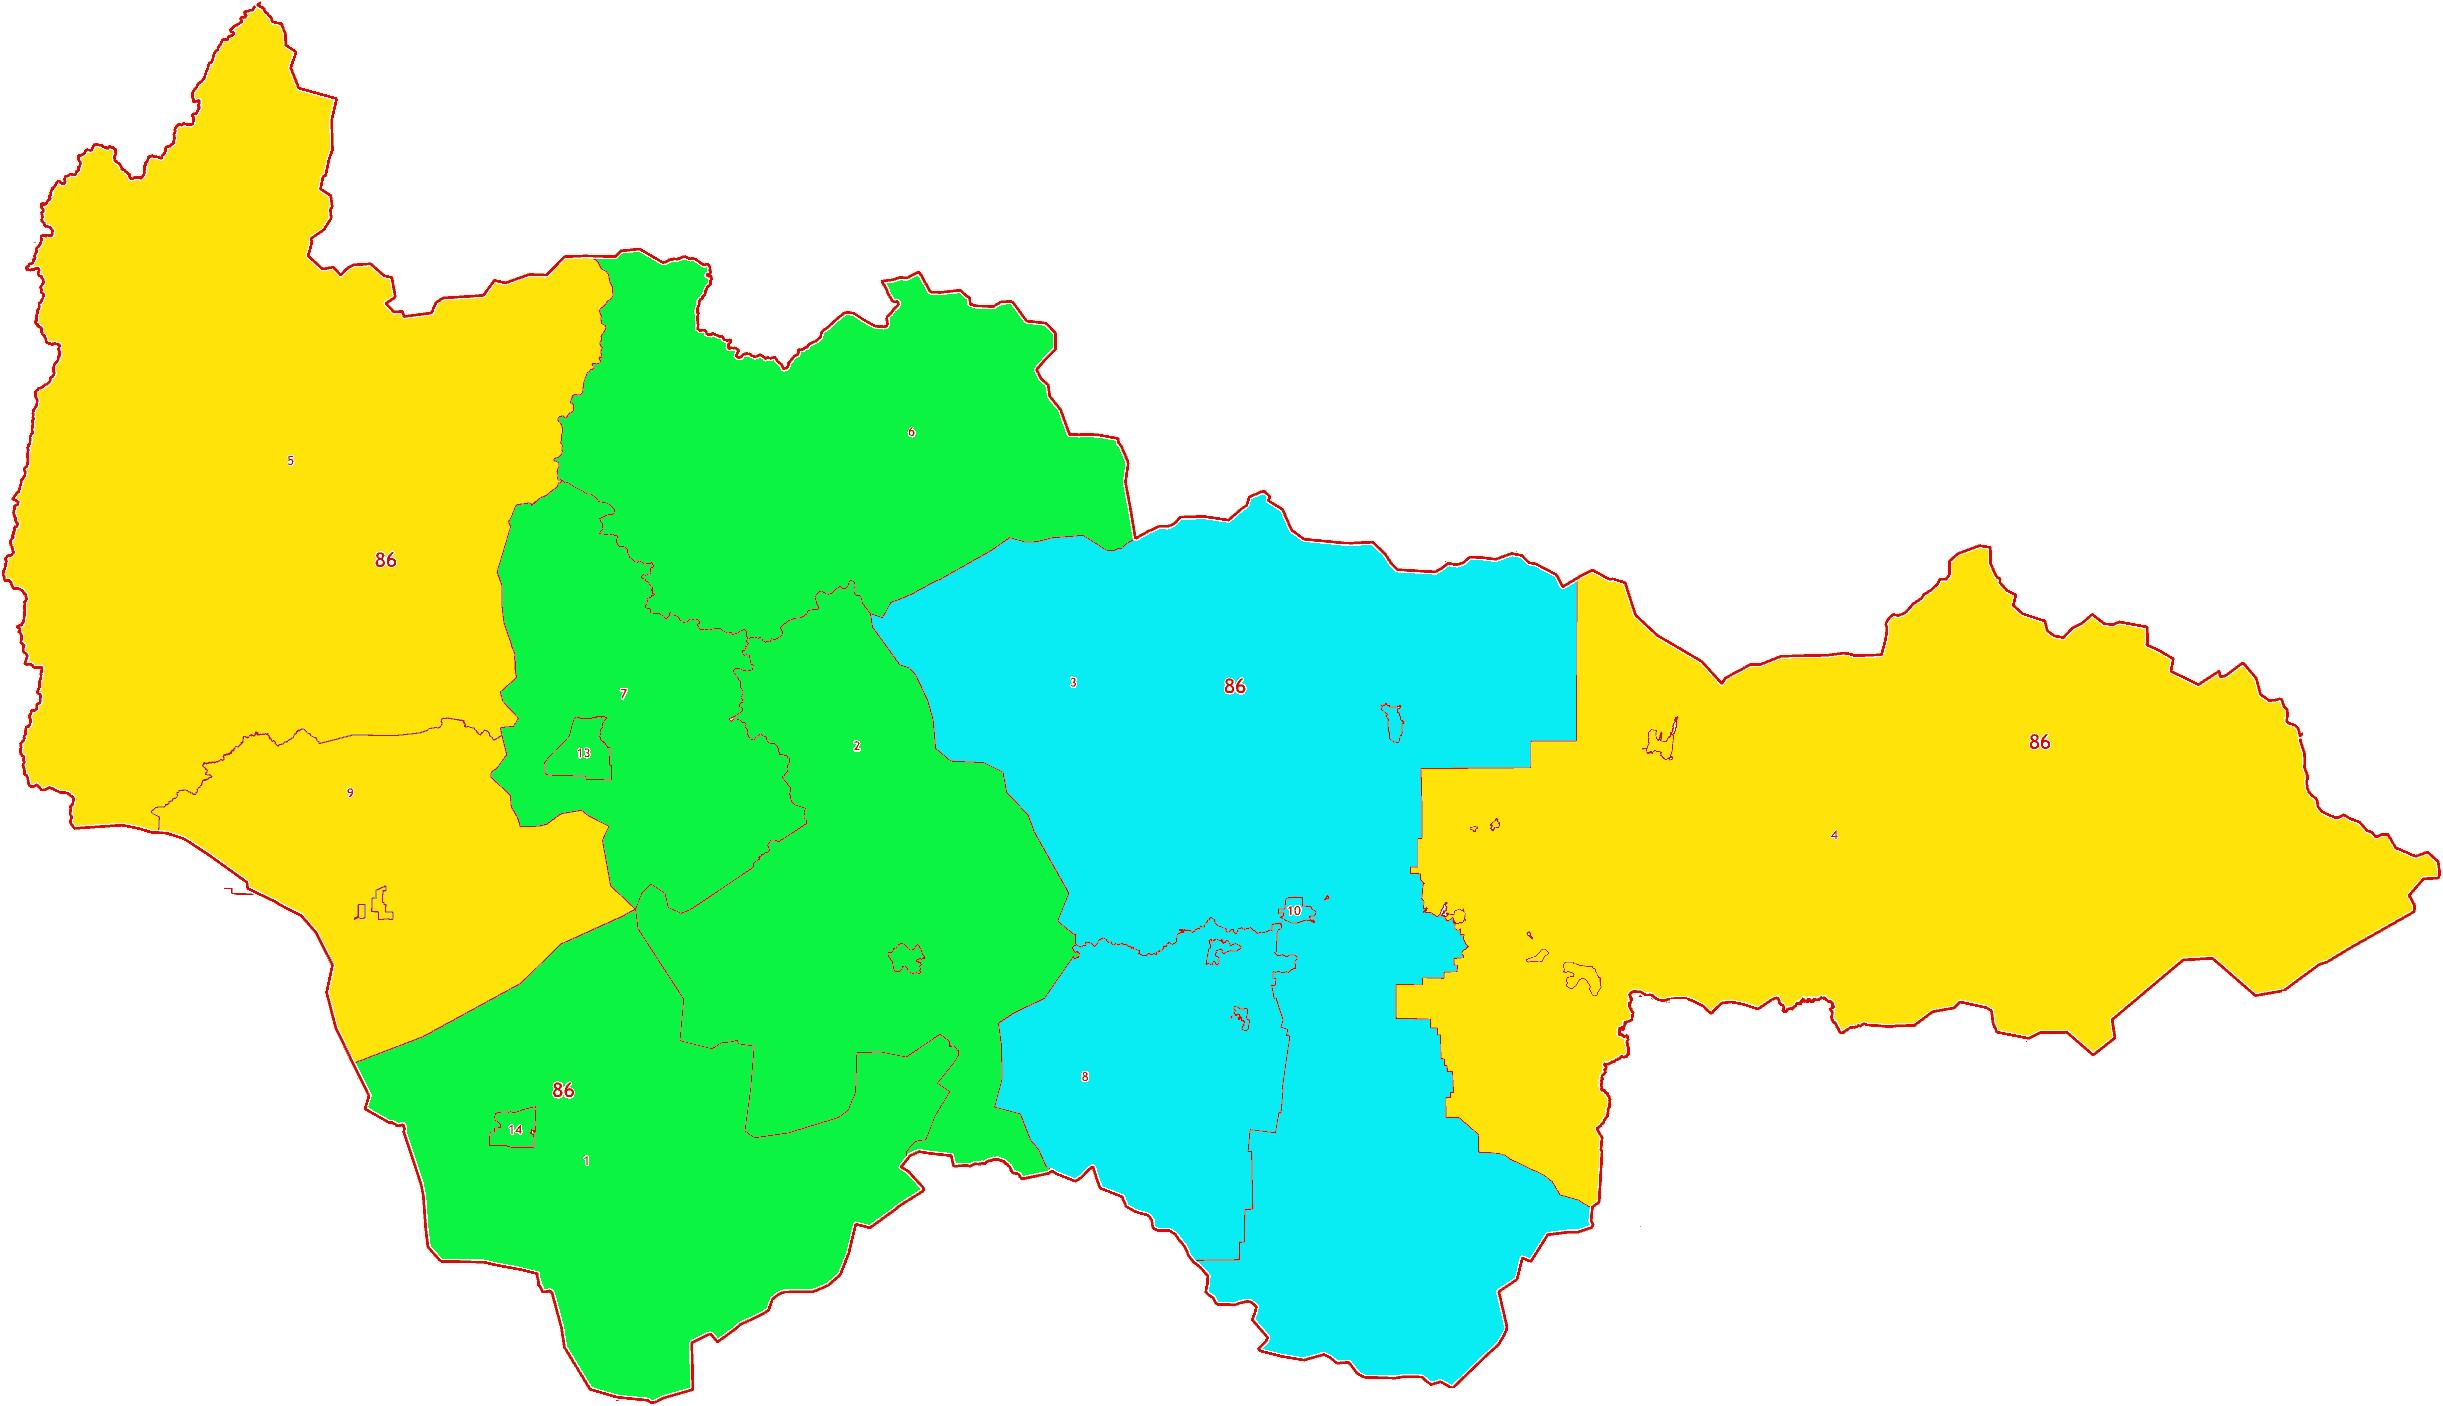 Зоны МСК-86 на территорию Ханты-Мансийского автономного округа